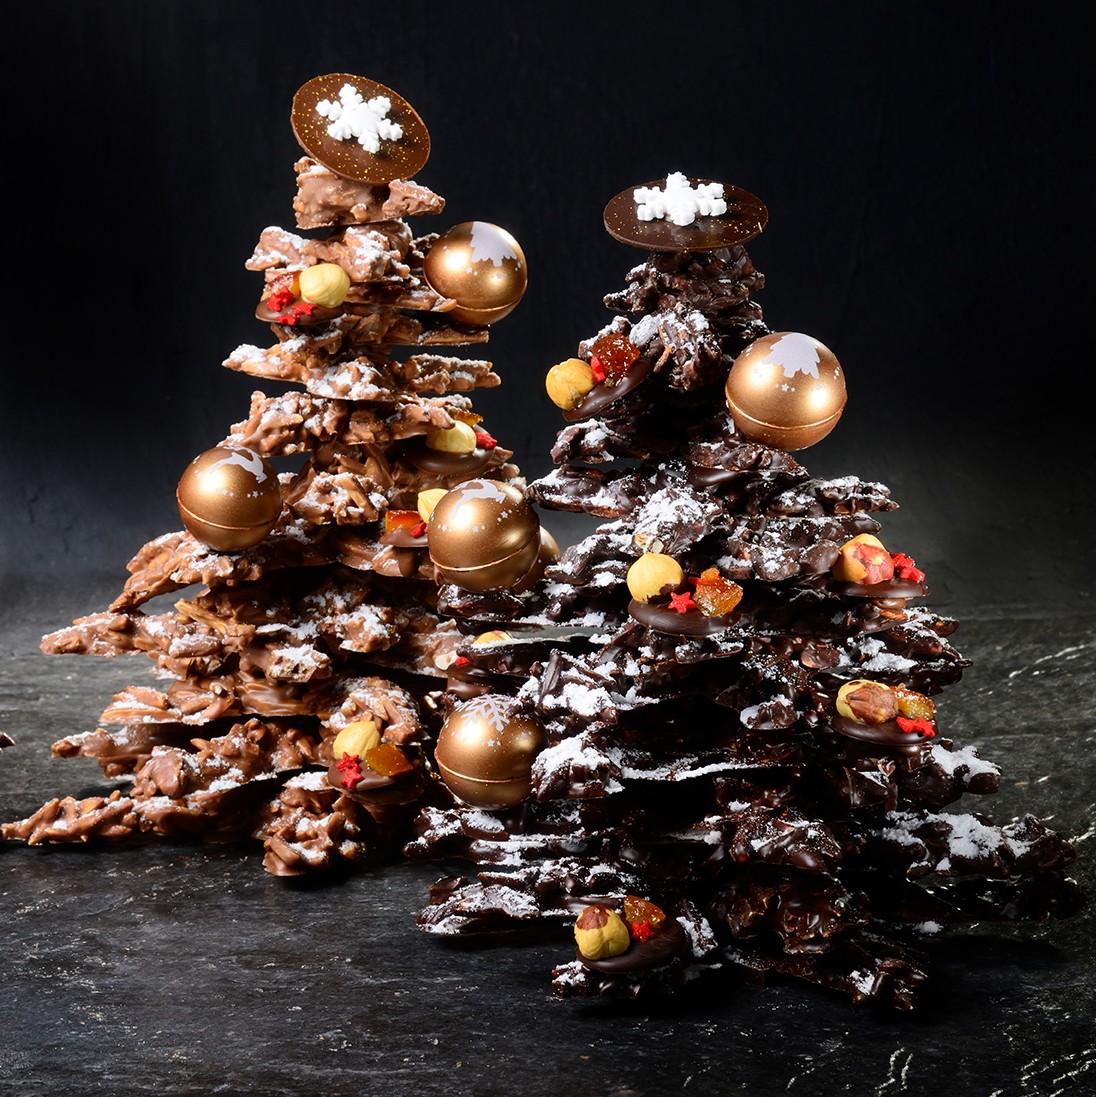 Foto Di Natale Albero.Albero Di Natale Di Cioccolato